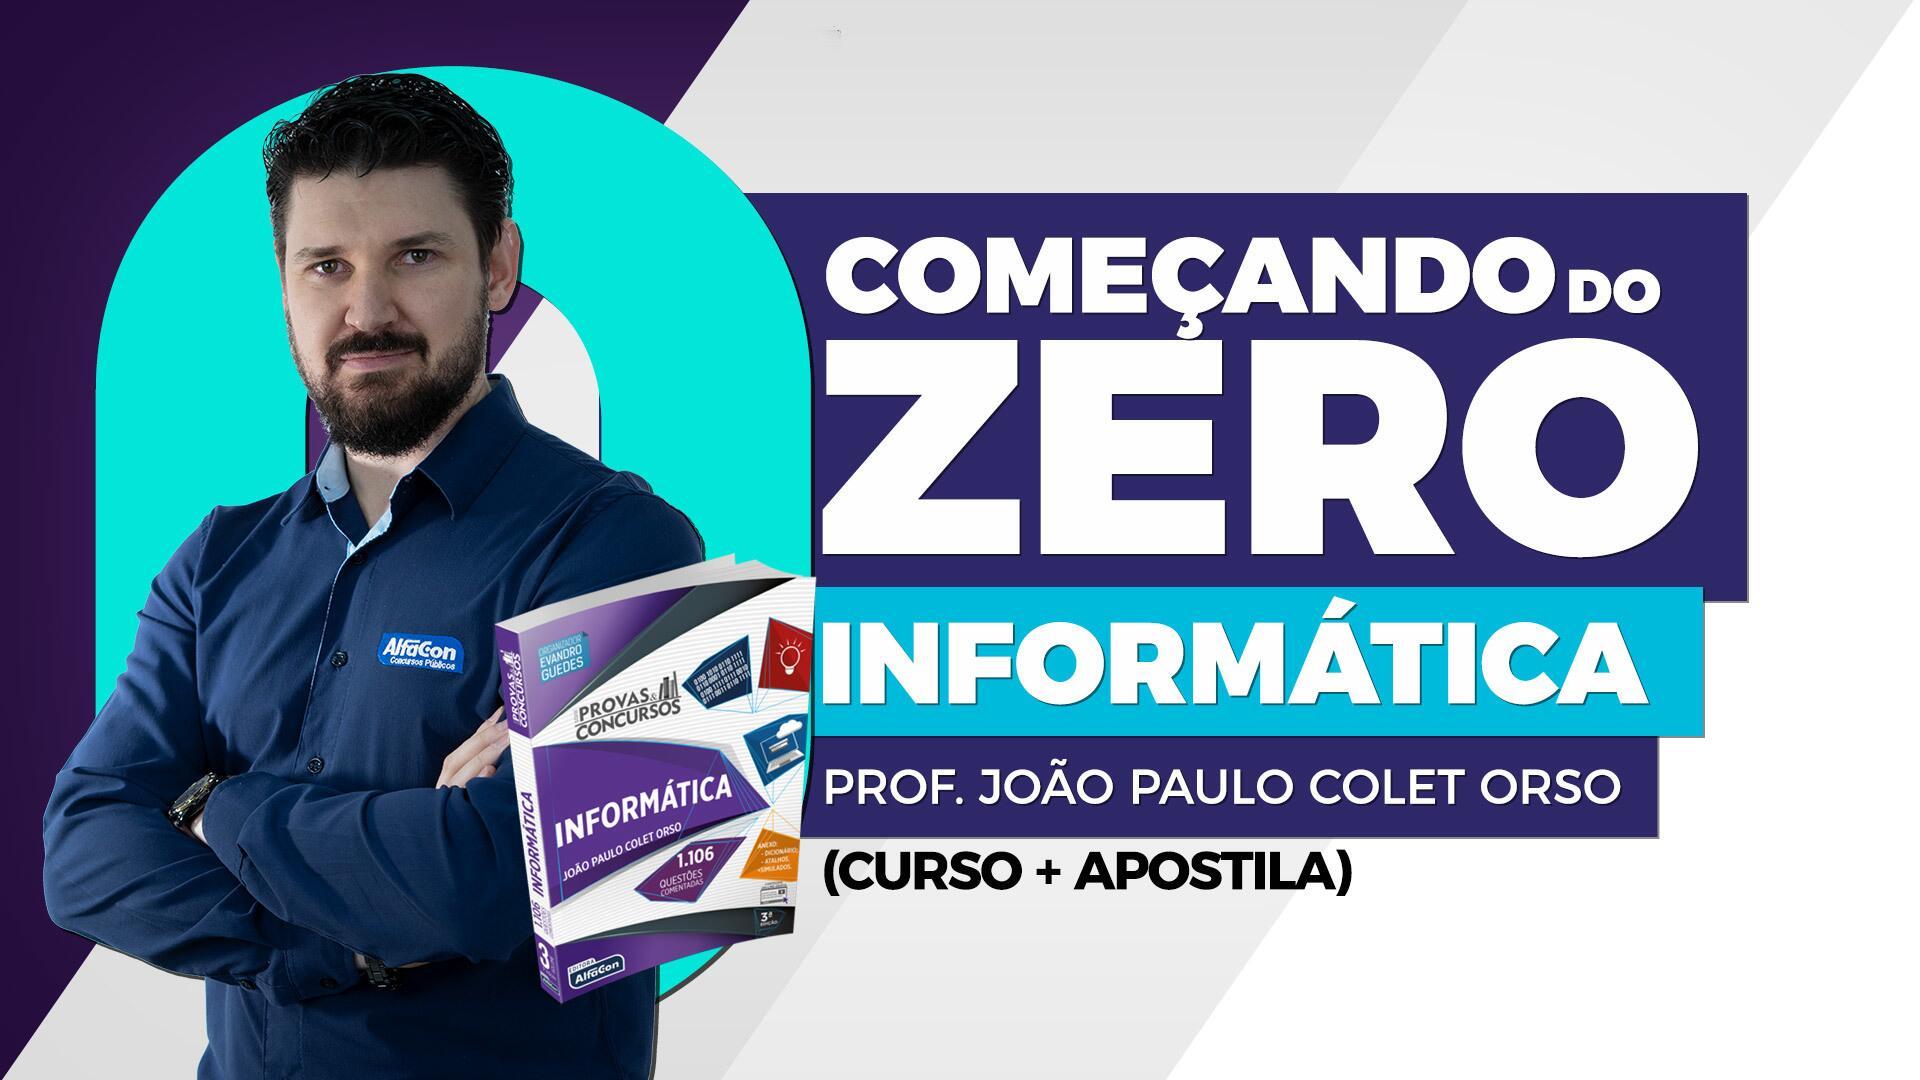 Começando do zero - Informática com o Profº João Paulo Colet Orso (curso + apostila)